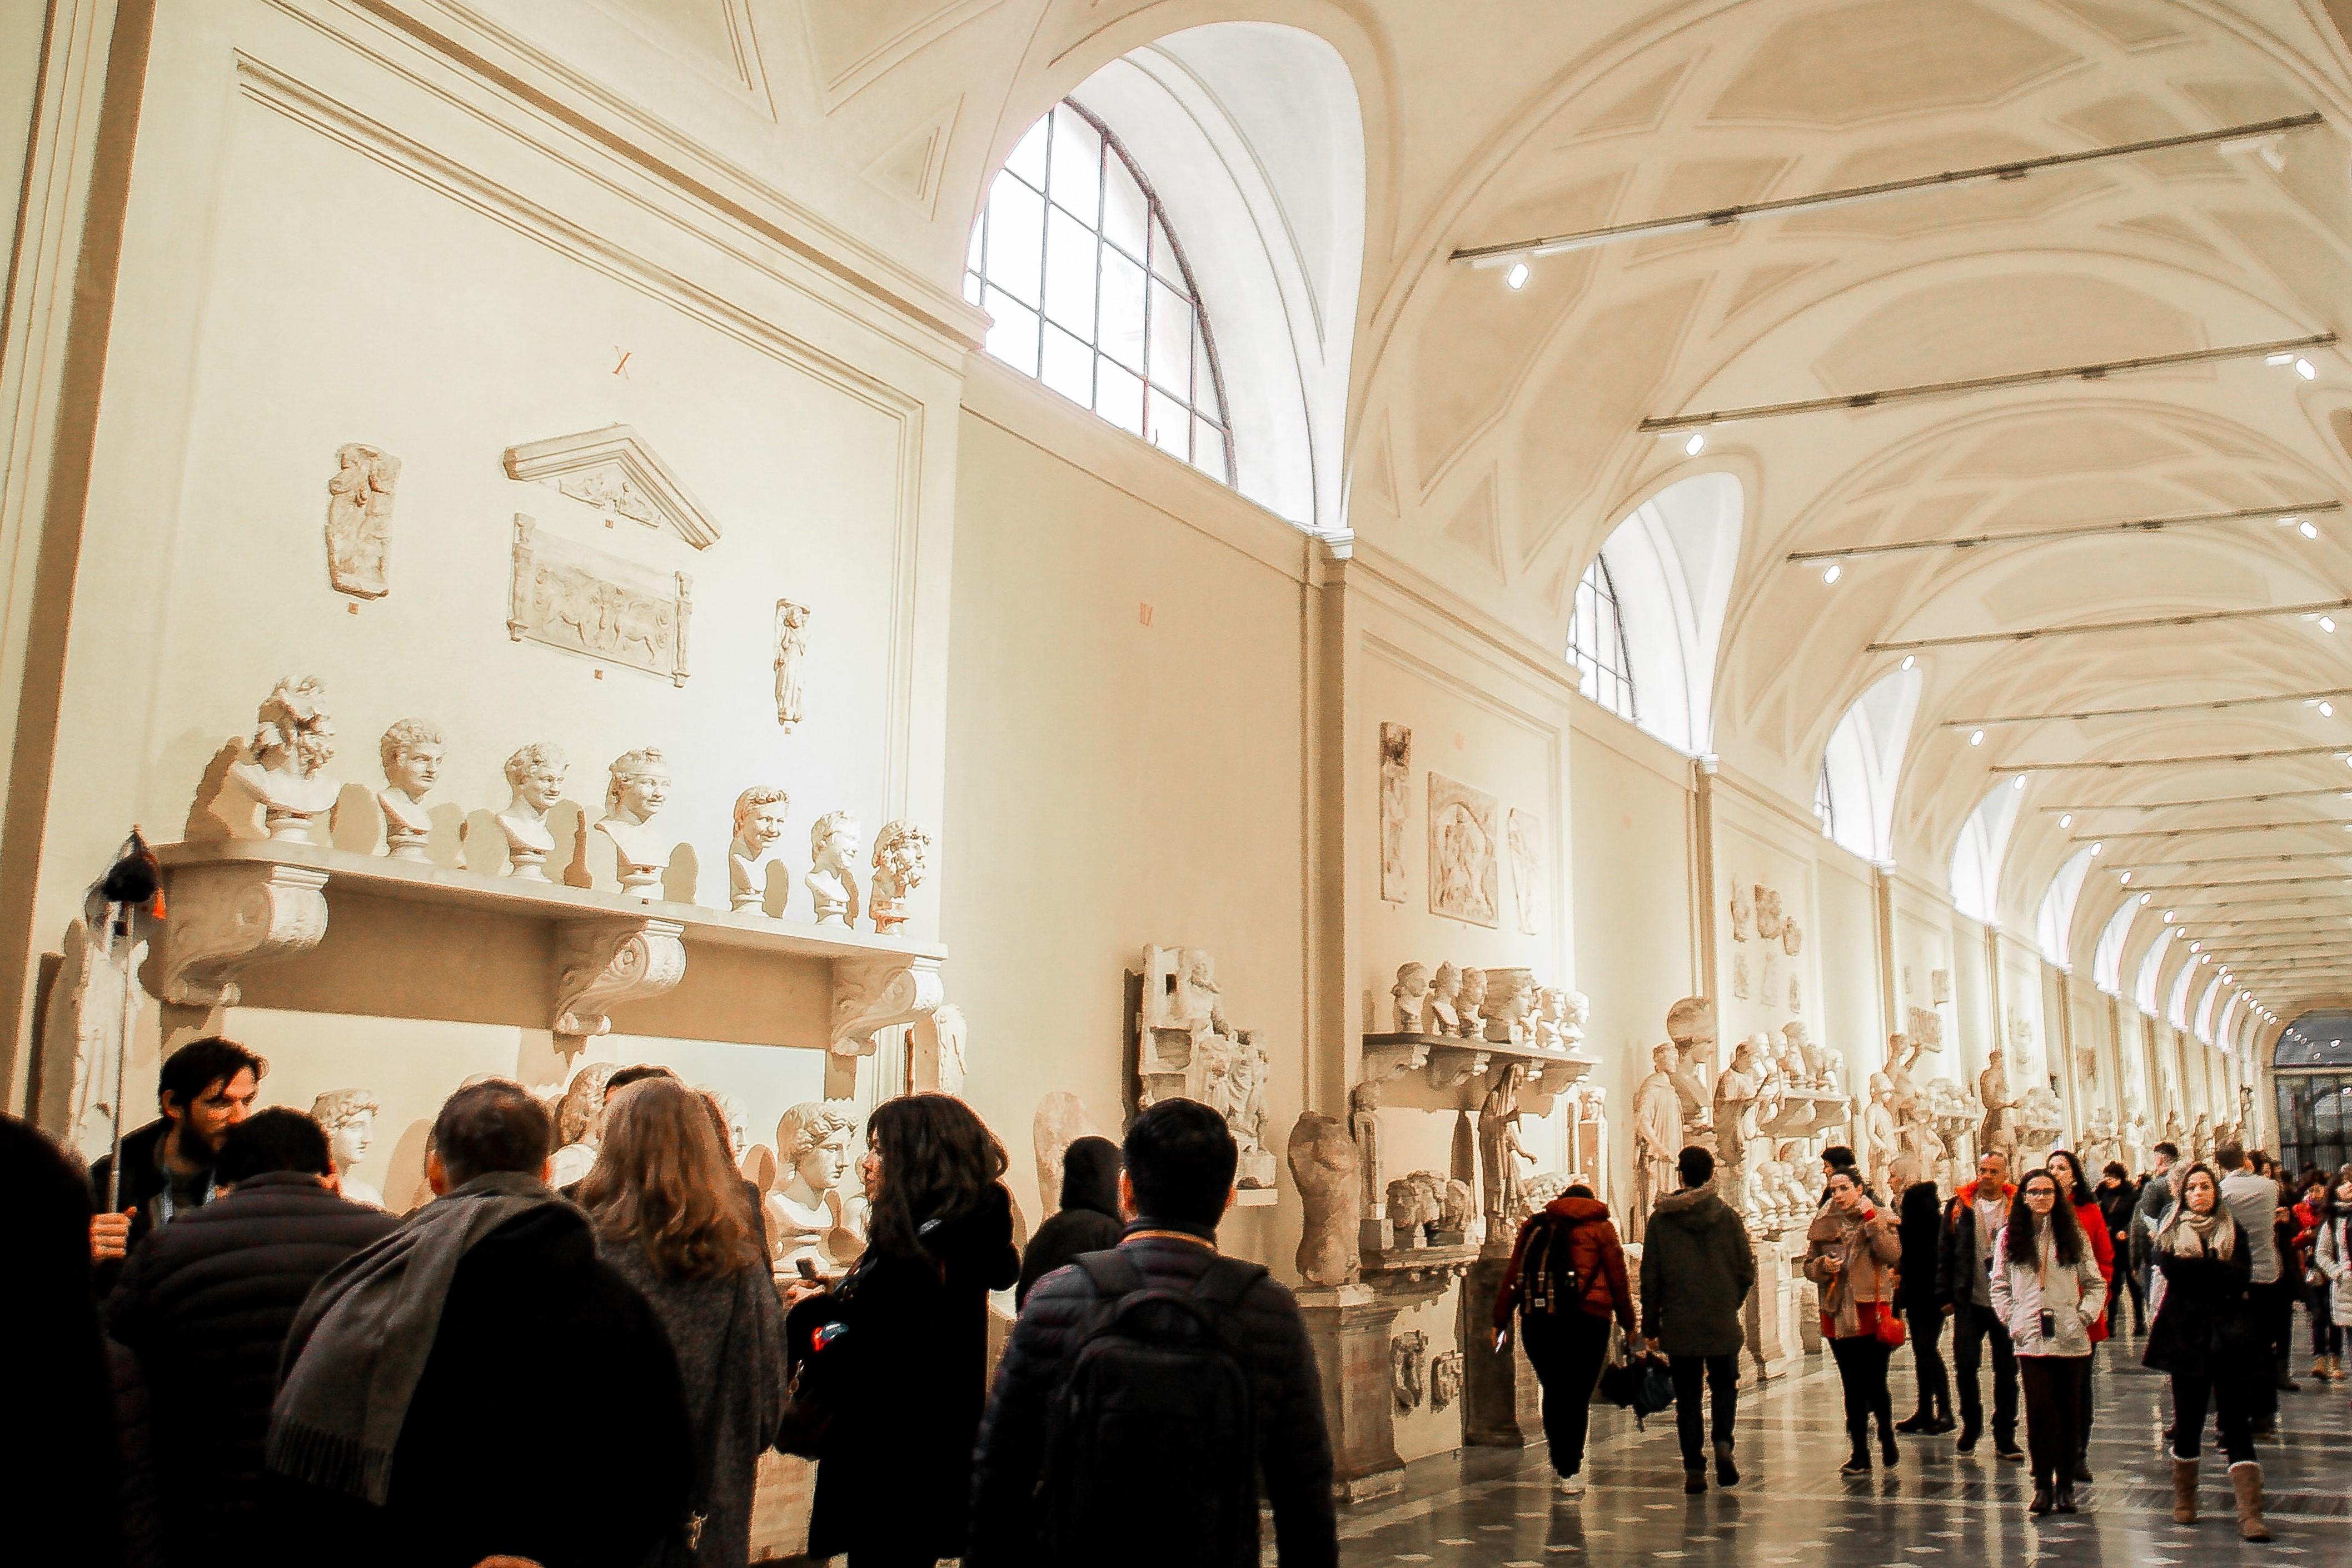 éviter les files d'attente au musée